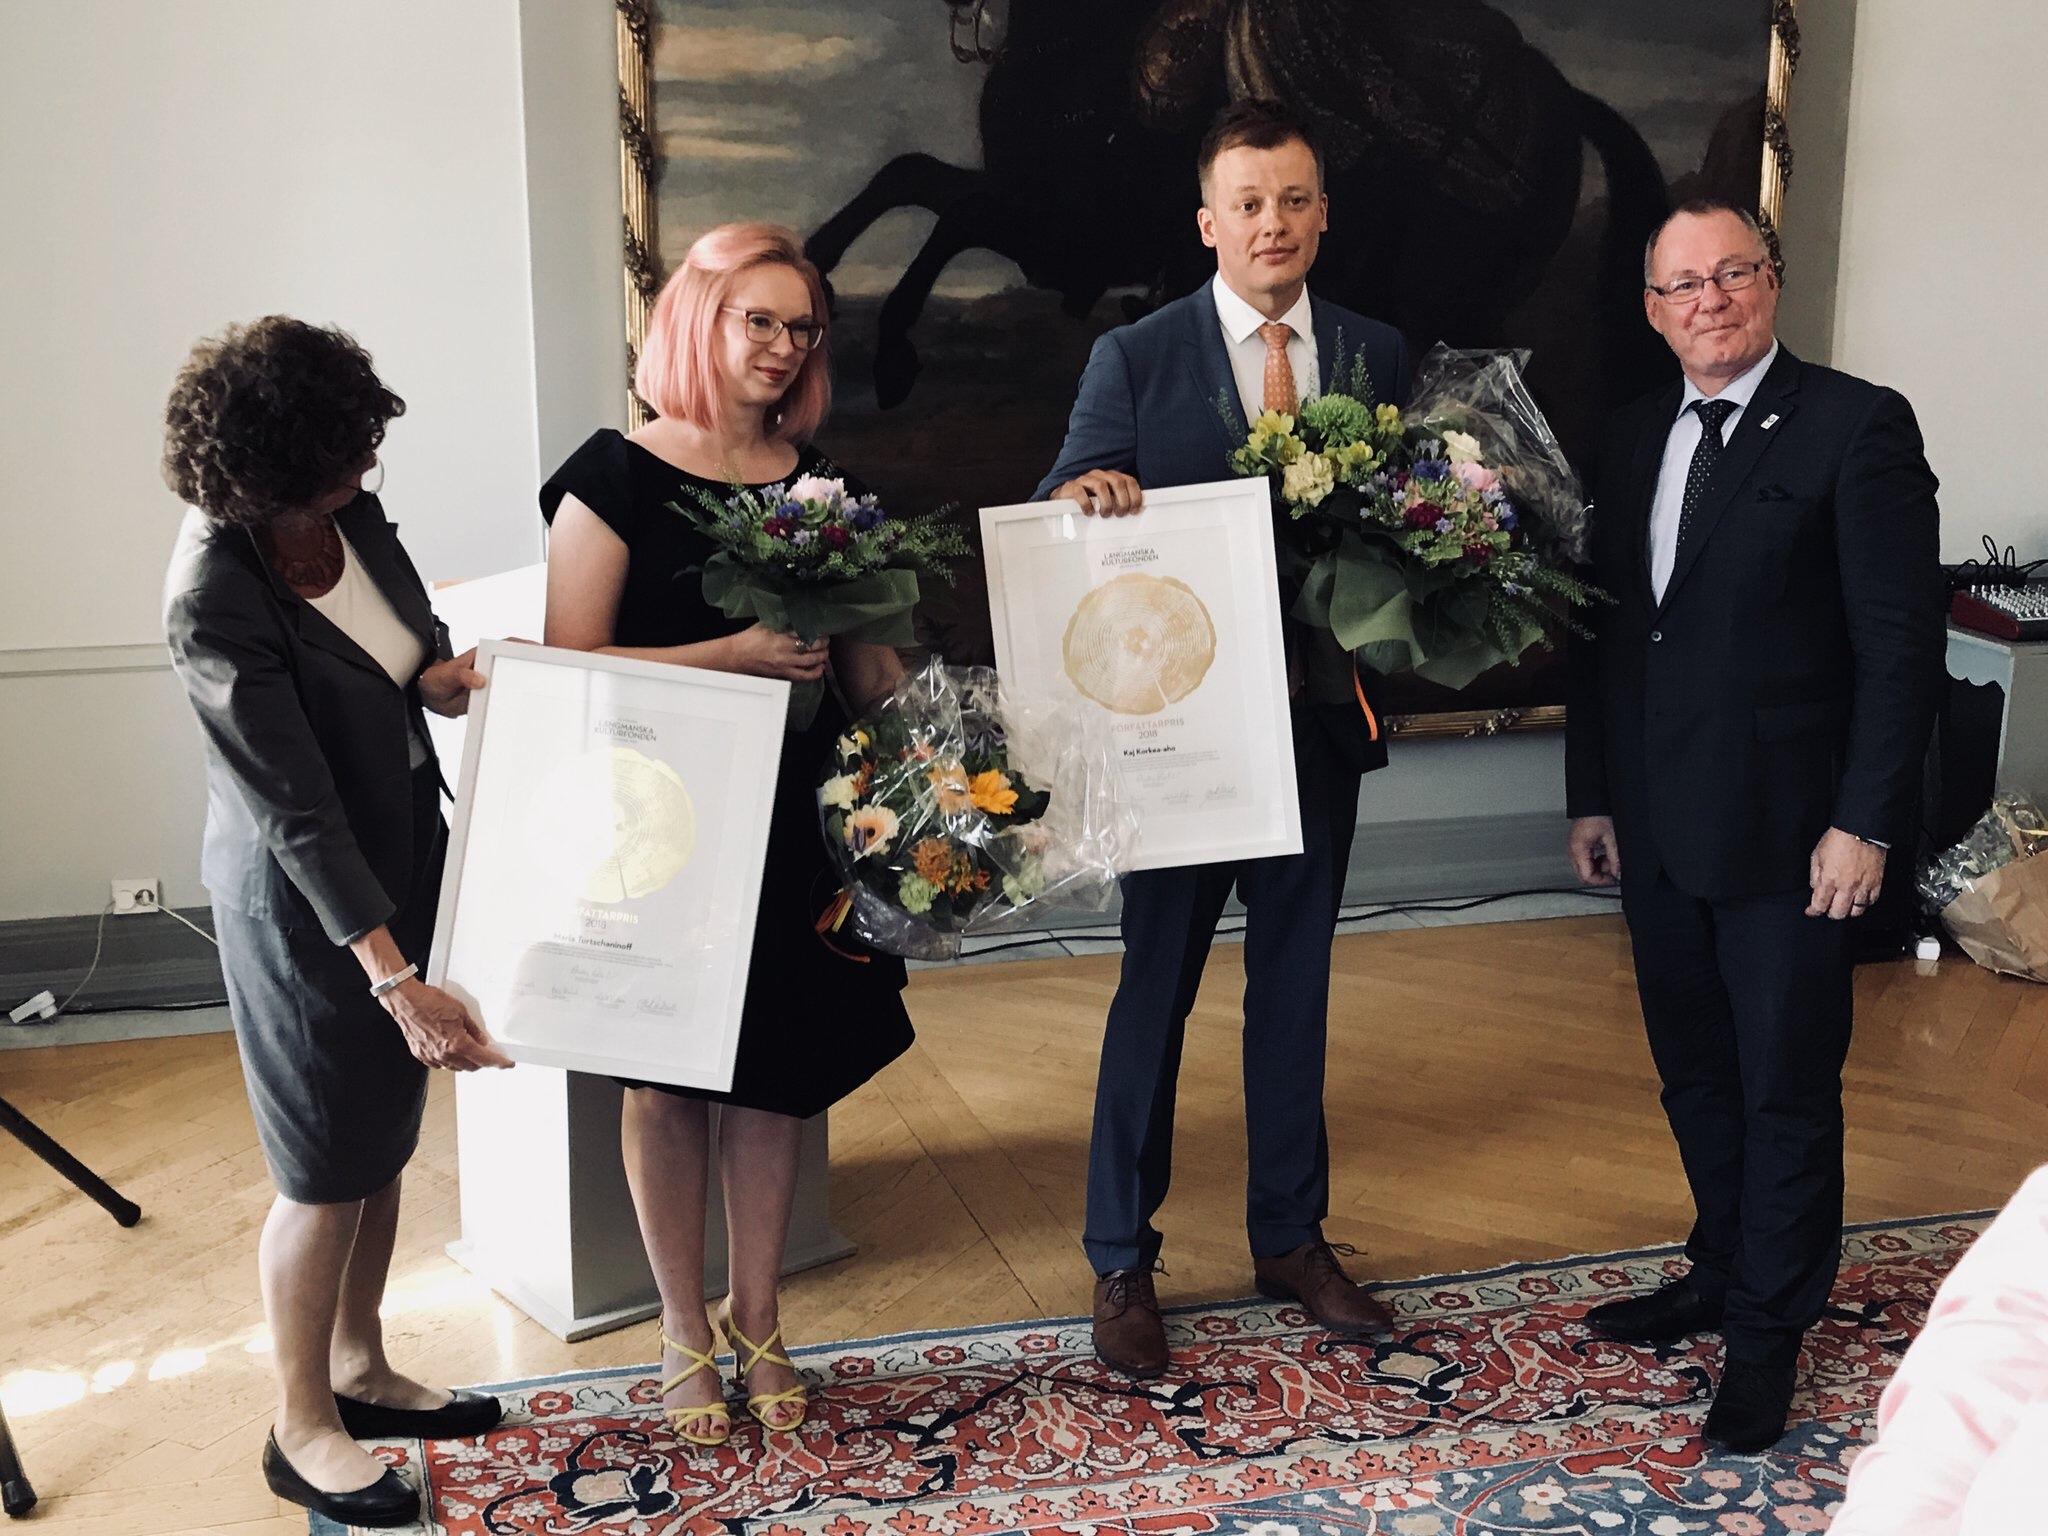 Maria Turtschaninoff och Kaj Korkea-aho mottar prisen.